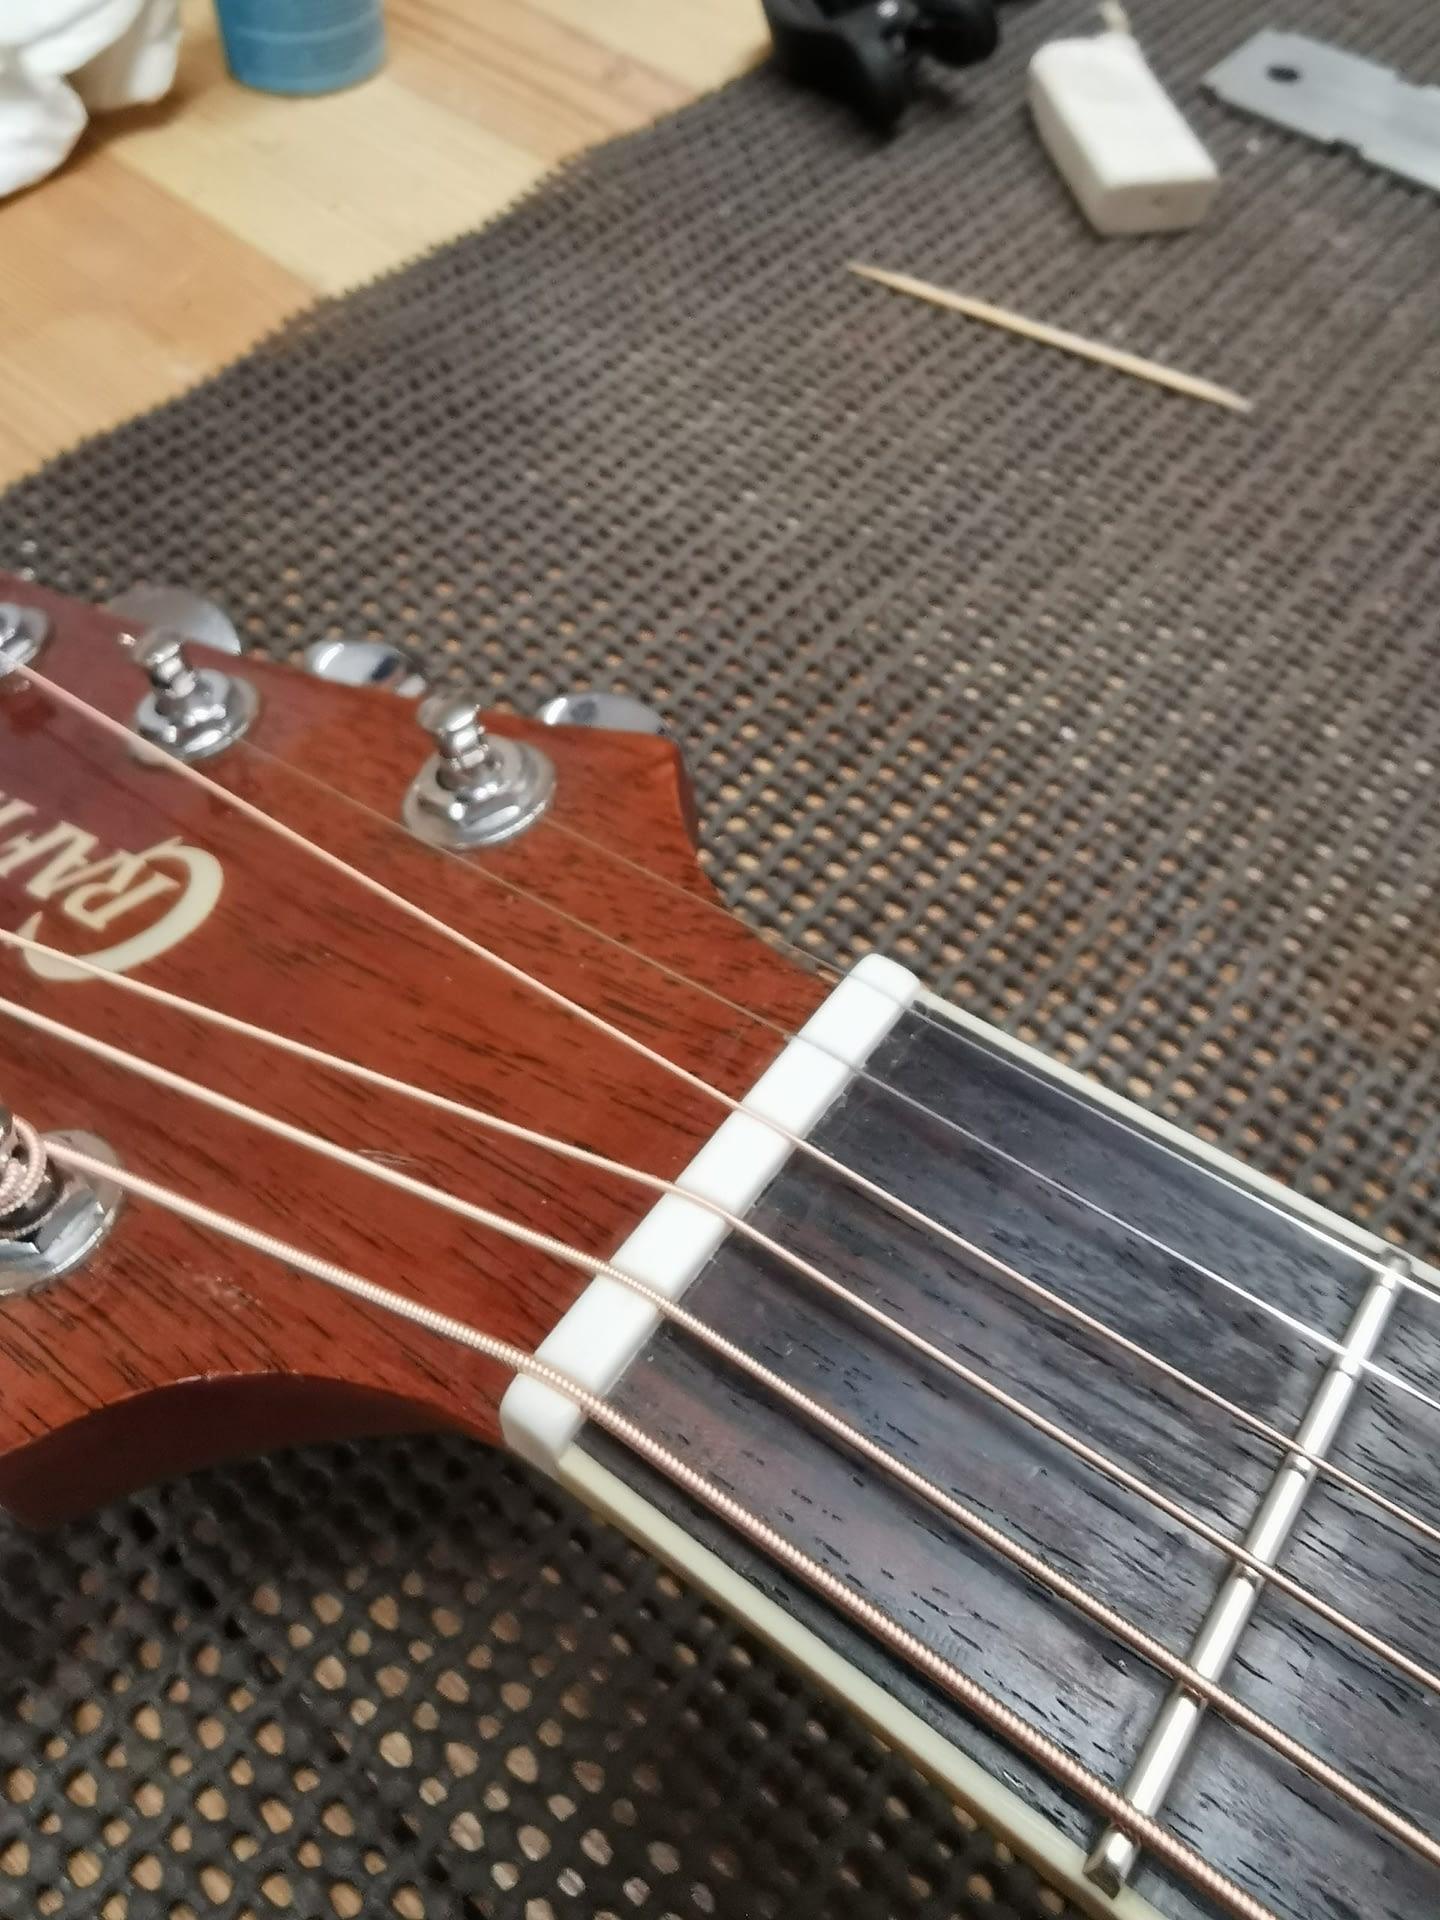 Crafter Guitar New Nut guitar repair stroud